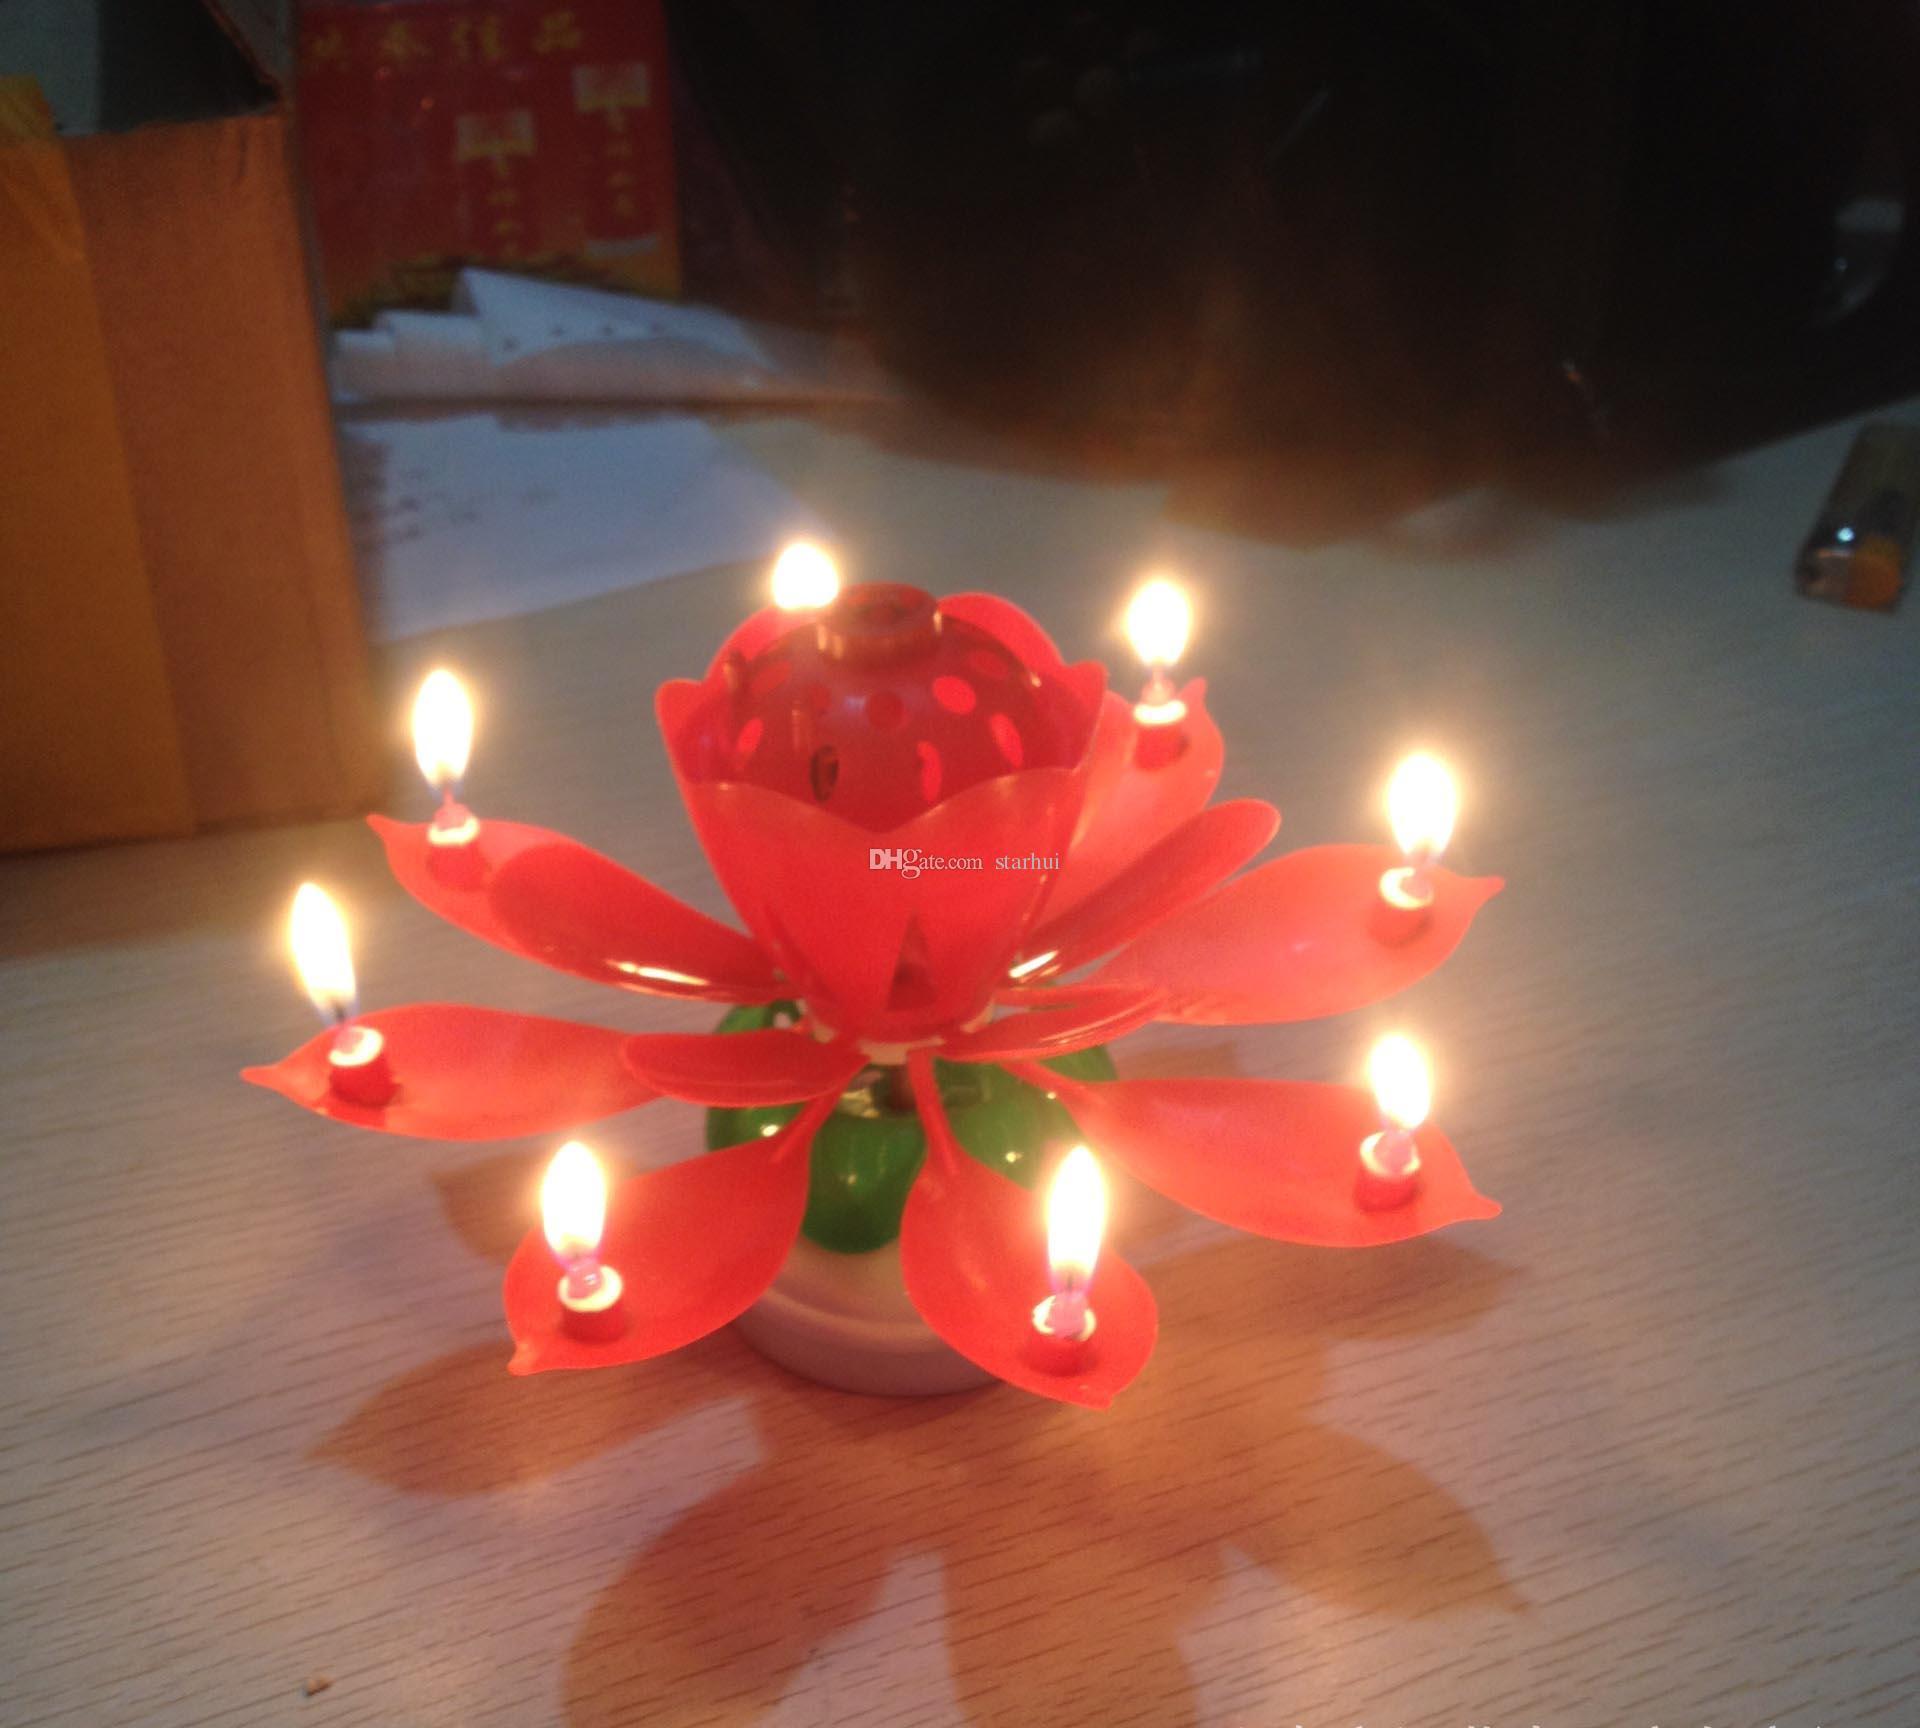 Renkli Yaprakları Müzik Mum Çocuk Doğum Günü Partisi Lotus Köpüklü Çiçek Mumlar Fışkırtma Çiçeği Alev Kek Aksesuar Hediye WX9-104